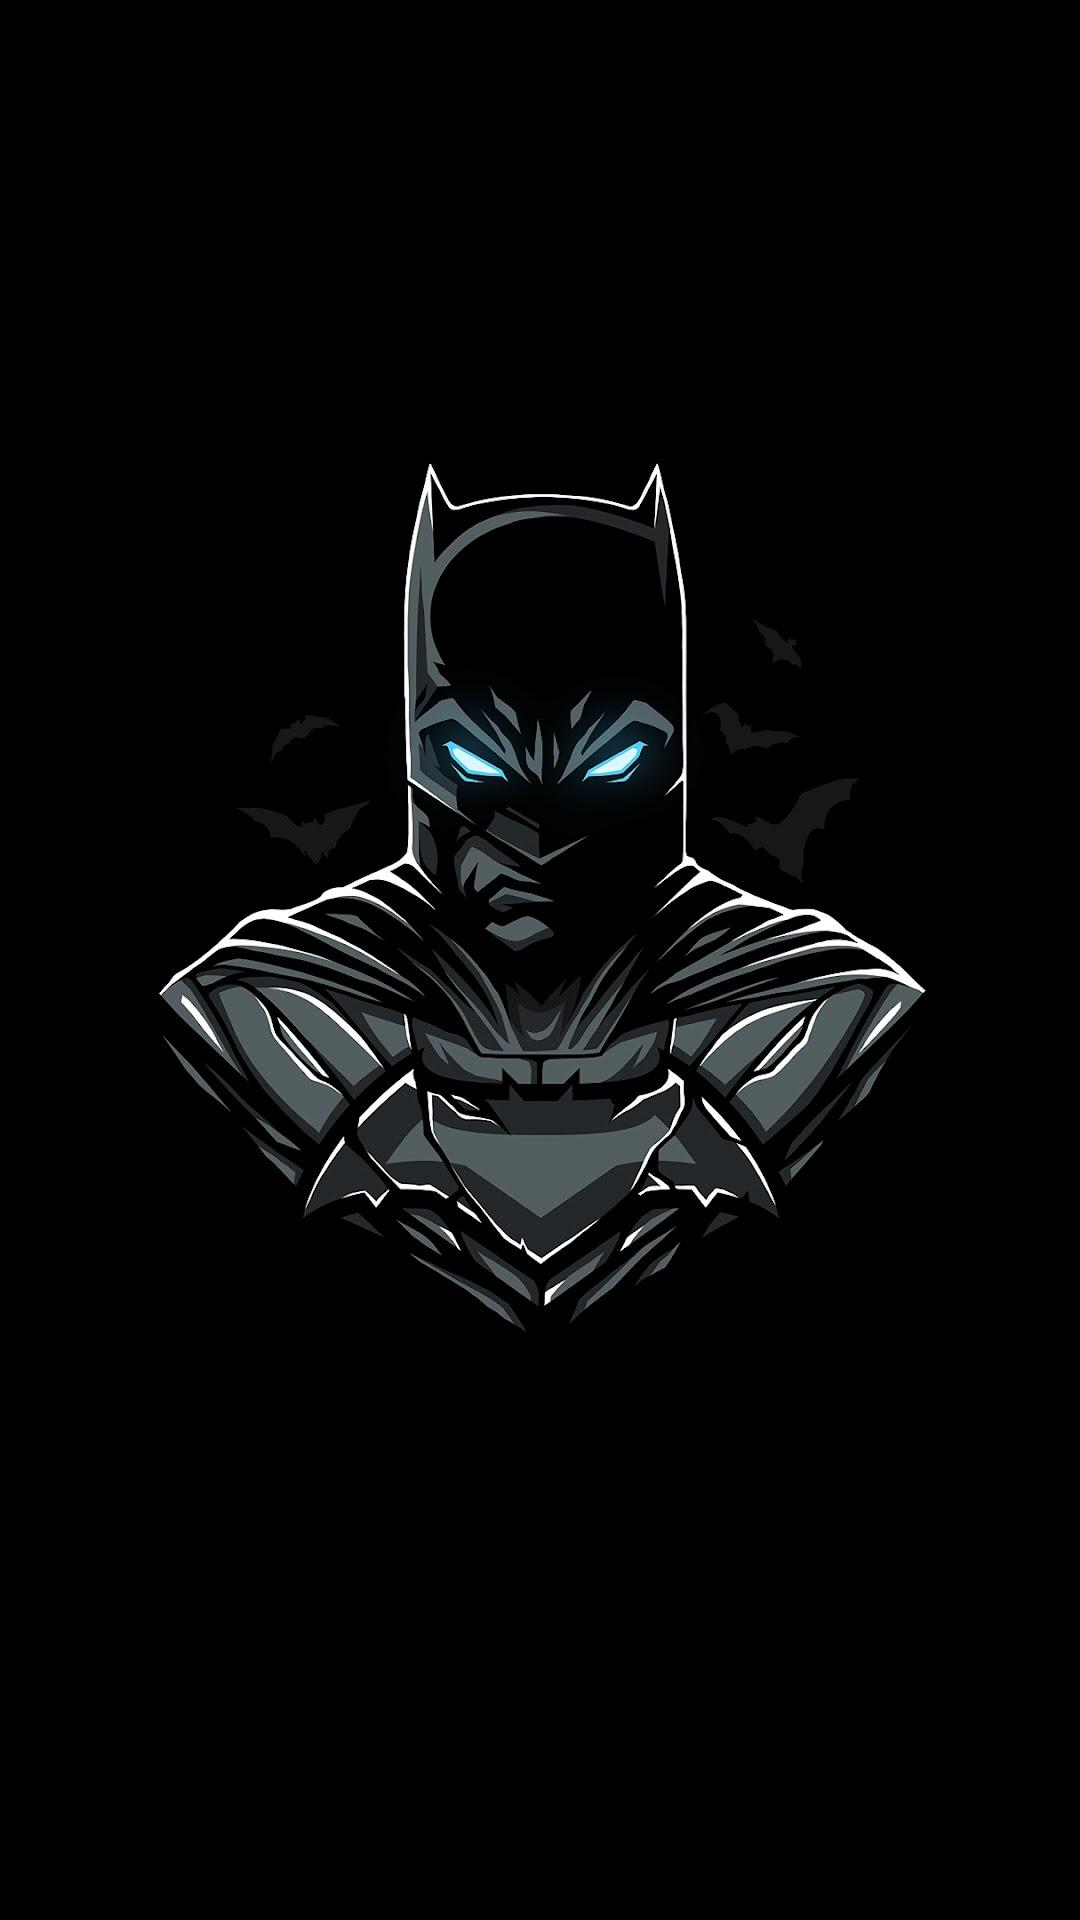 Batman Minimalist 4k Wallpaper 20